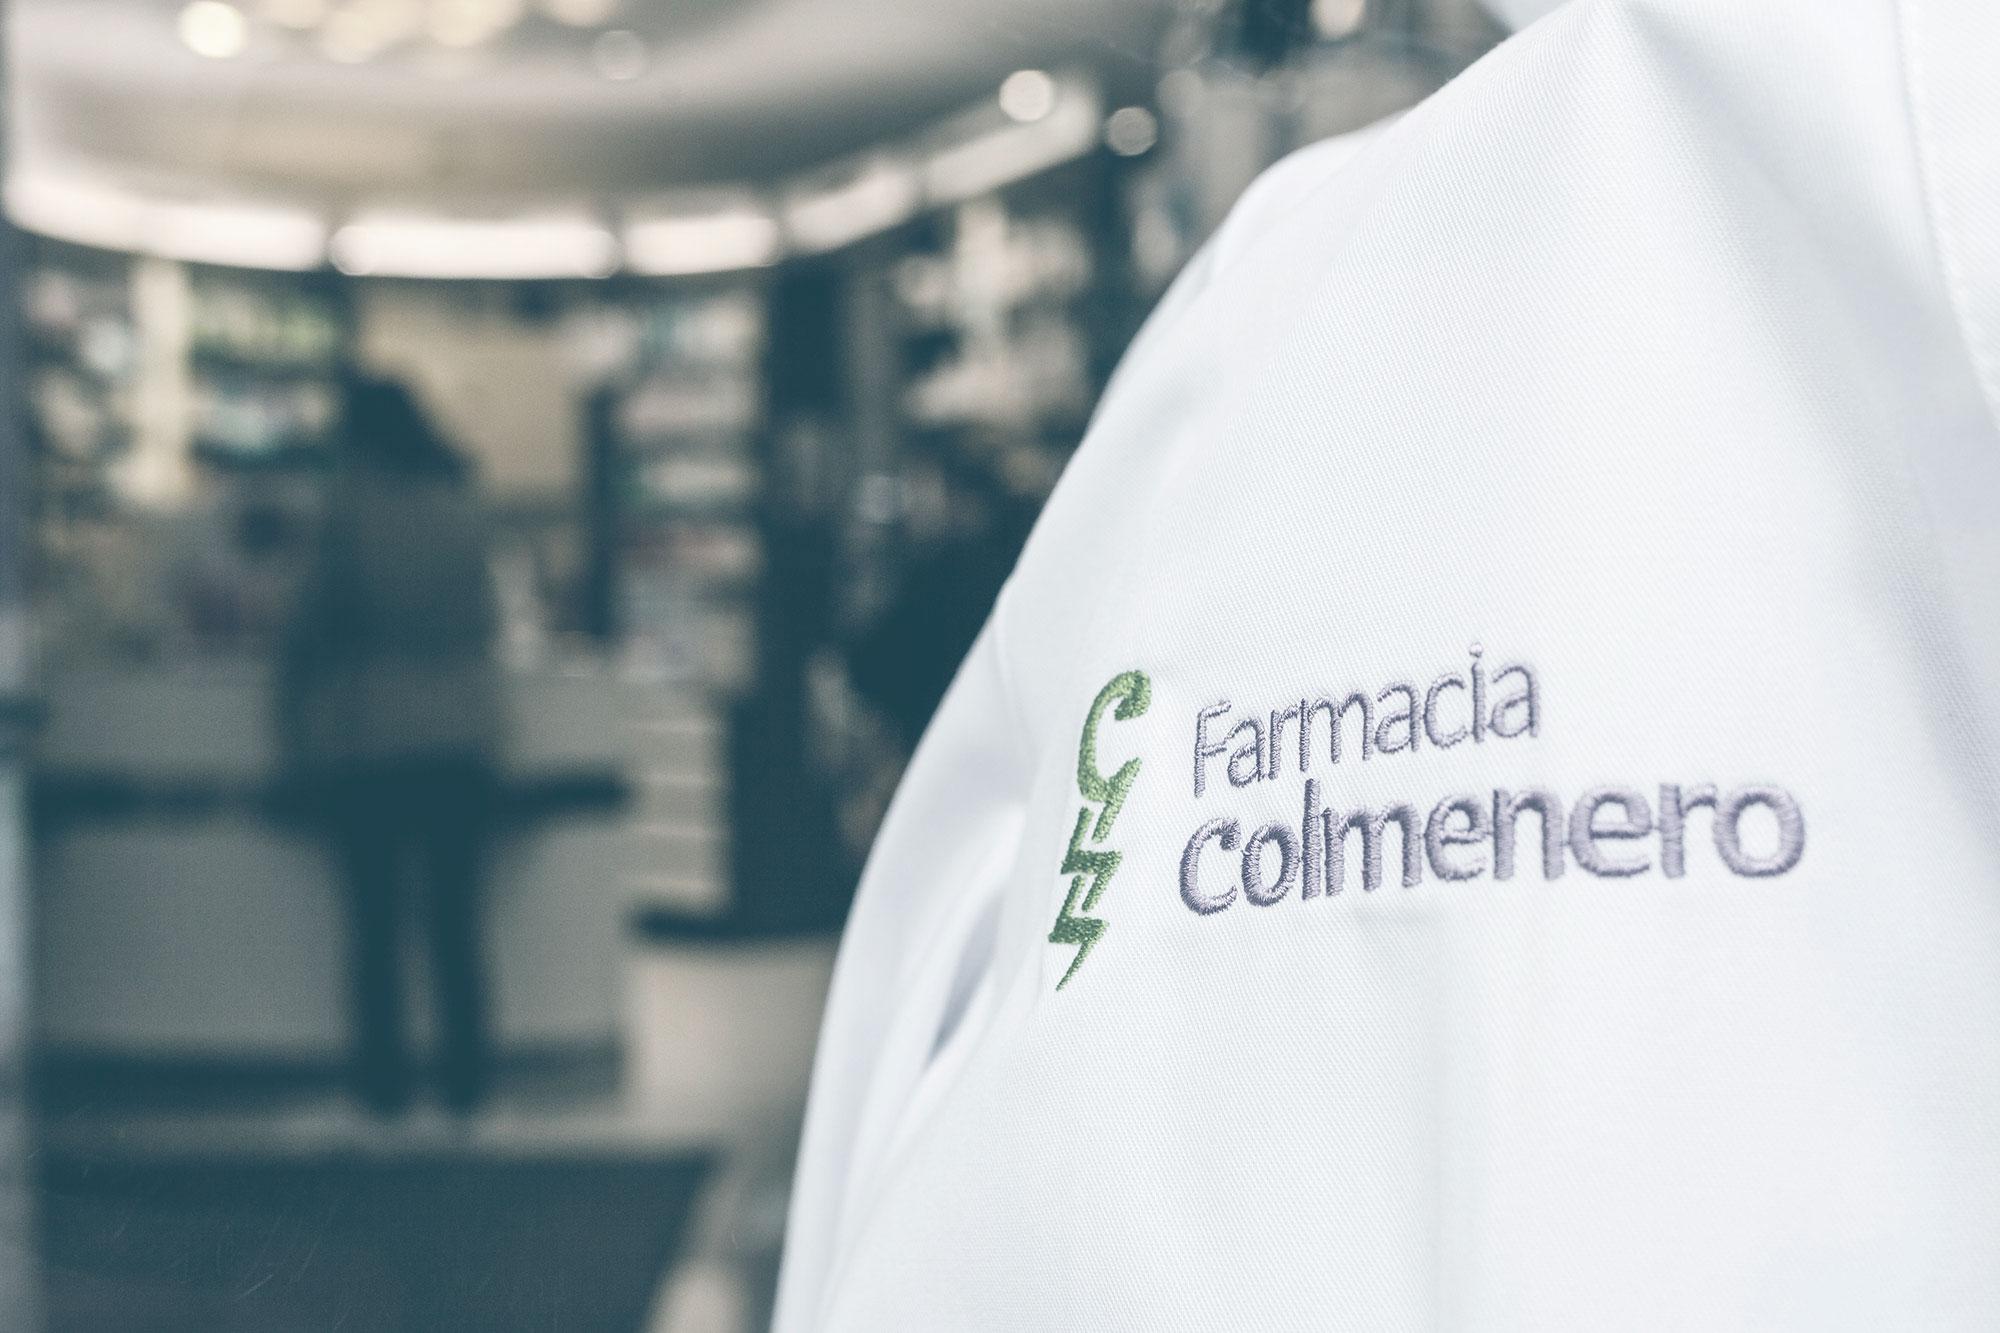 Farmacia Colmenero nuestros valores